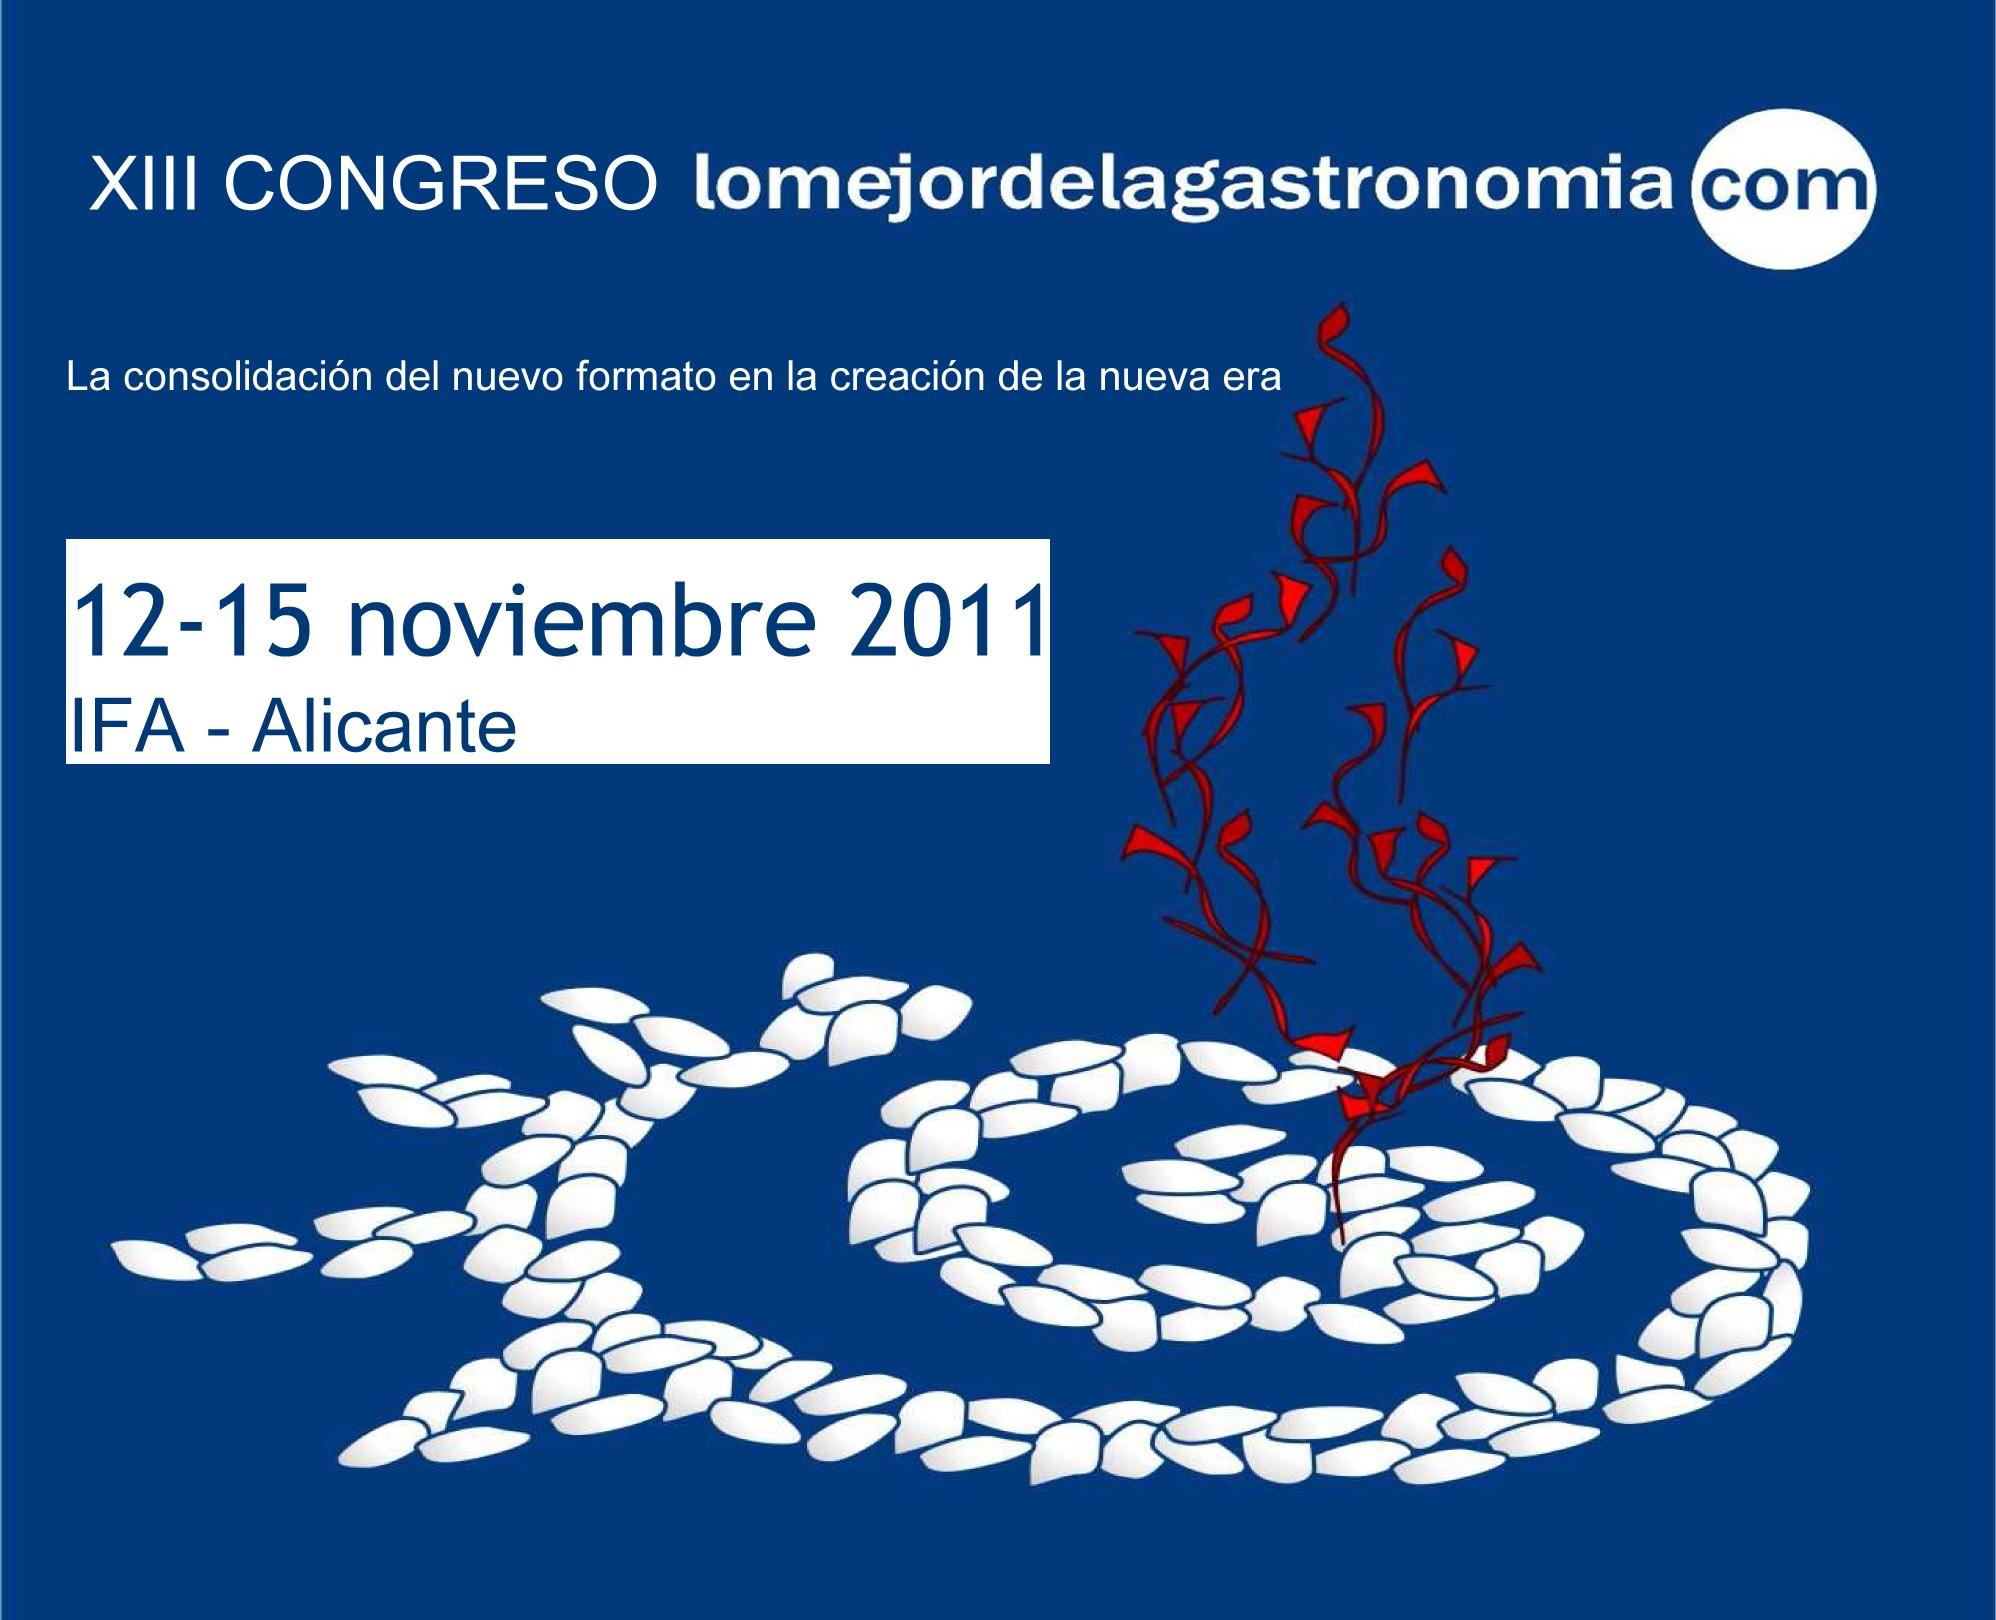 Congreso Lo Mejor de la Gastronomía 2011